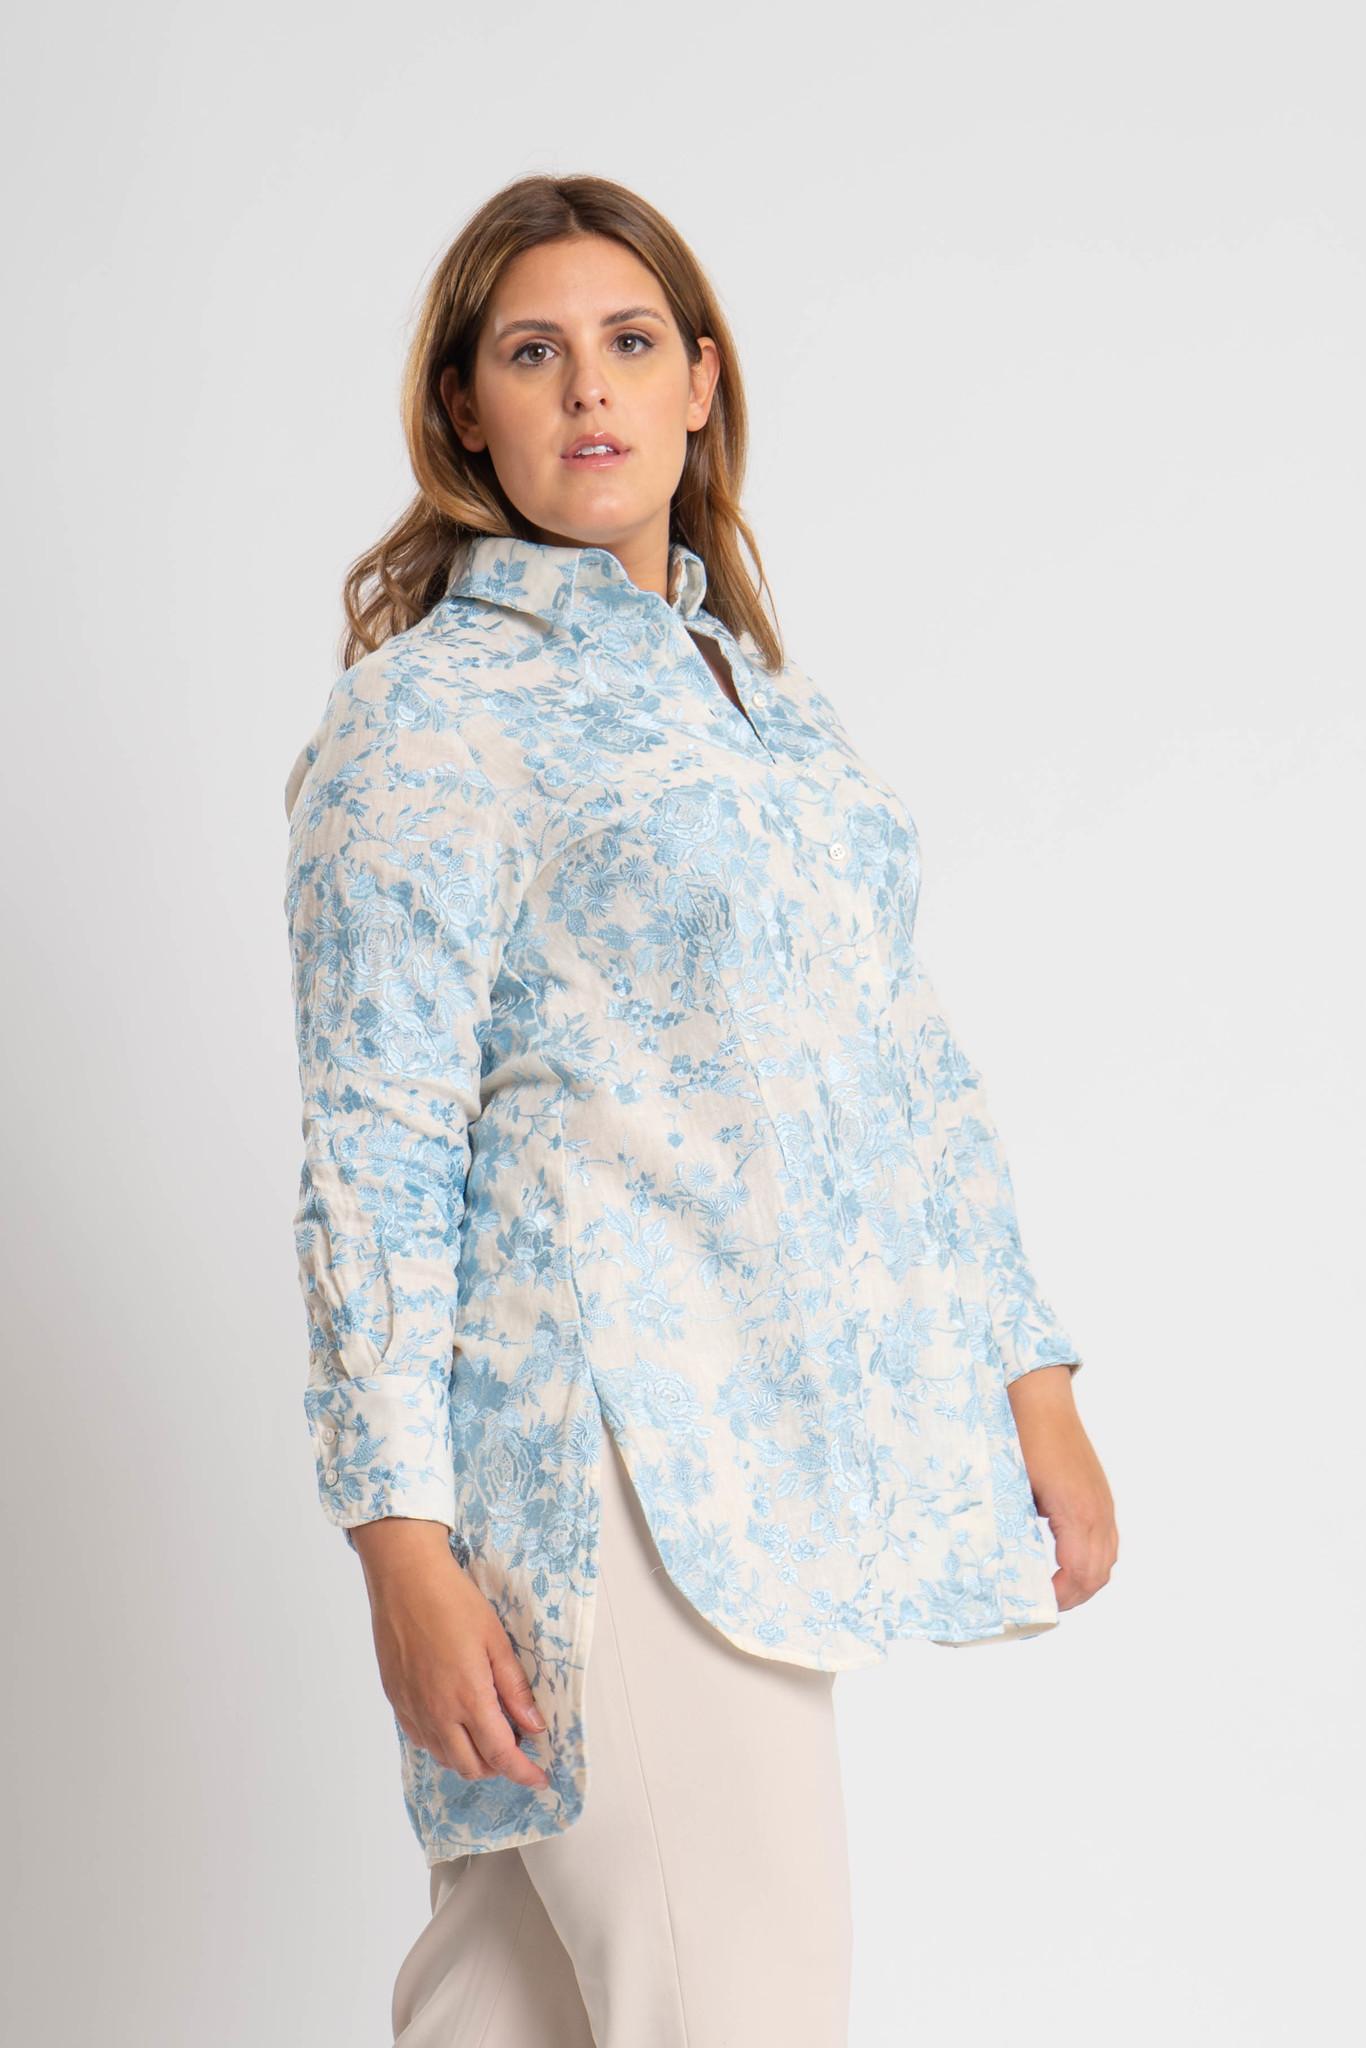 GALINA Bluse aus bestickter Leinen-1